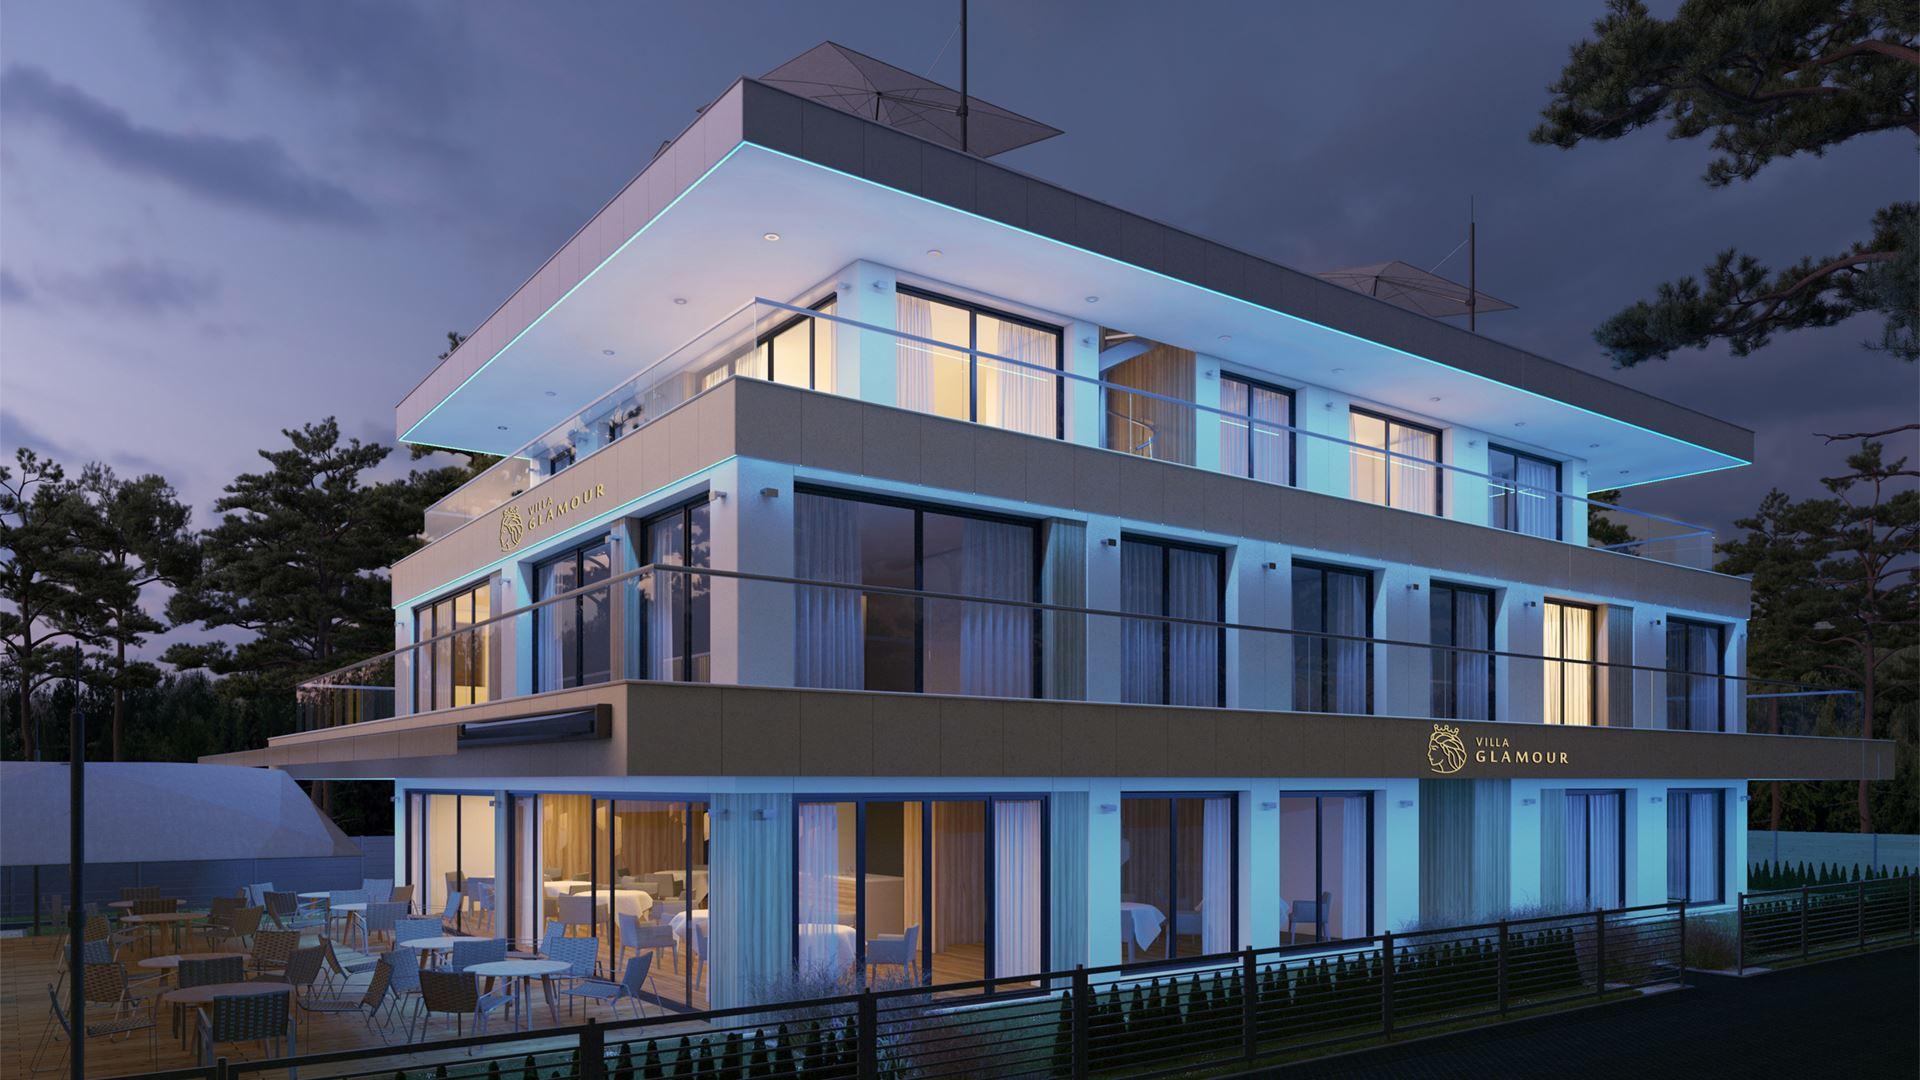 villa glamour apartamenty na sprzedaz (8)